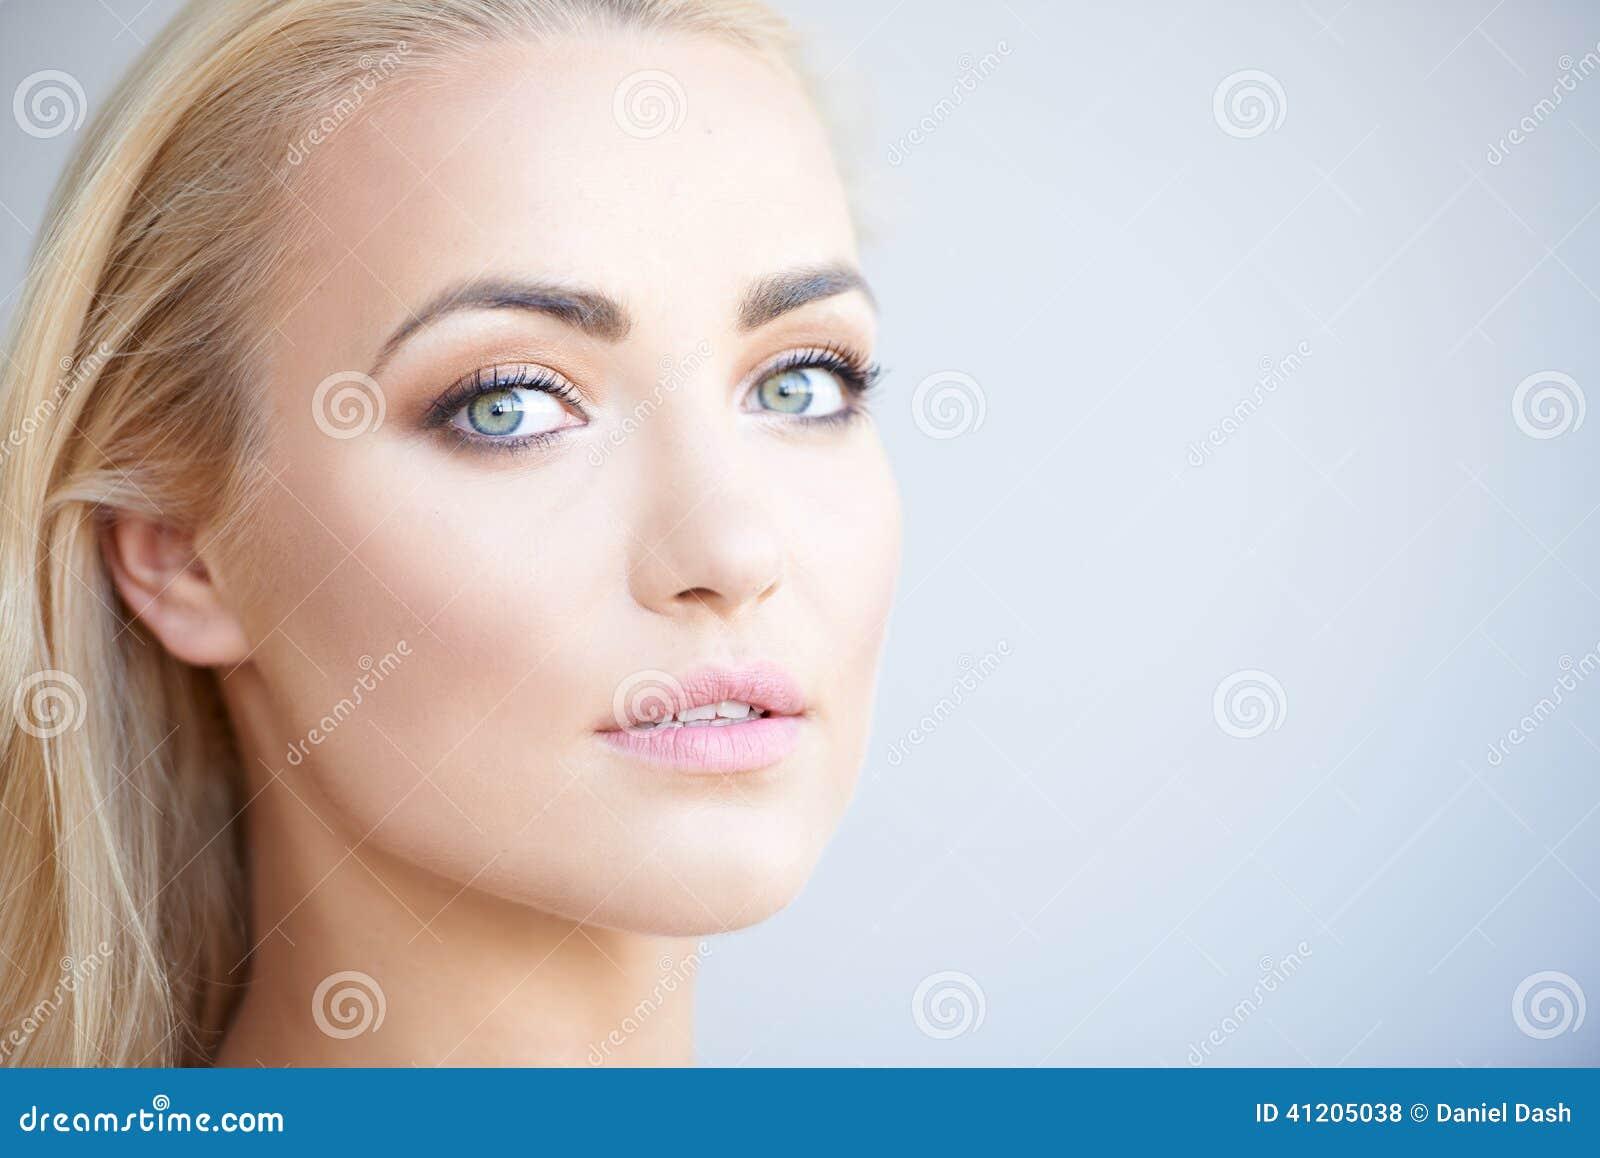 femme blonde magnifique avec de beaux yeux verts photo. Black Bedroom Furniture Sets. Home Design Ideas